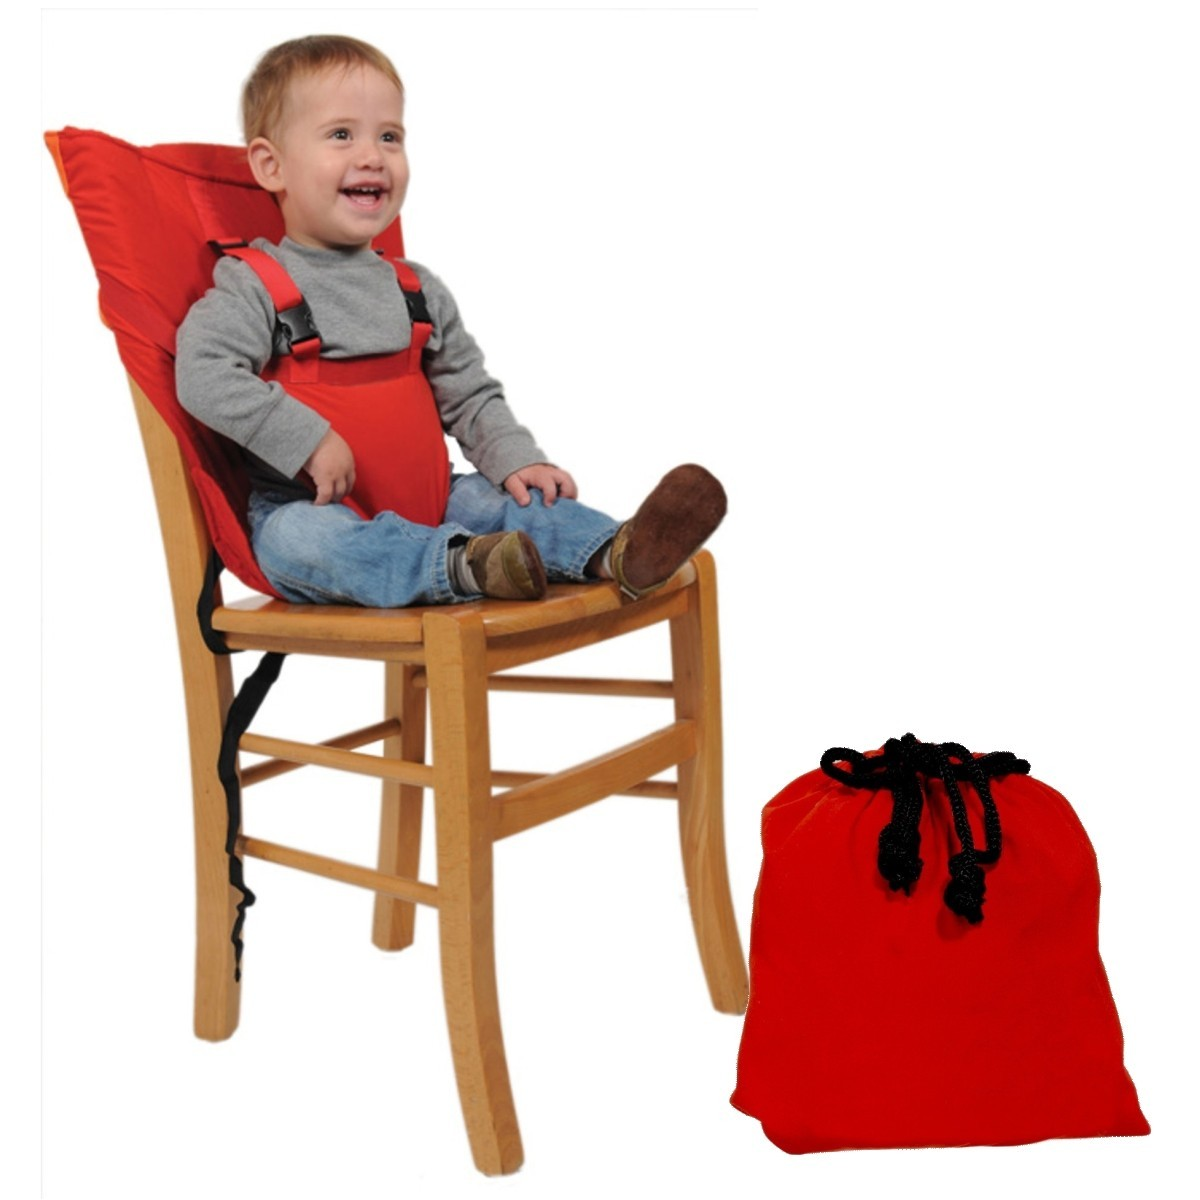 Silla port til para beb s y ni os de 1 a 5a os bolso for Sillas para comer ninos 3 anos